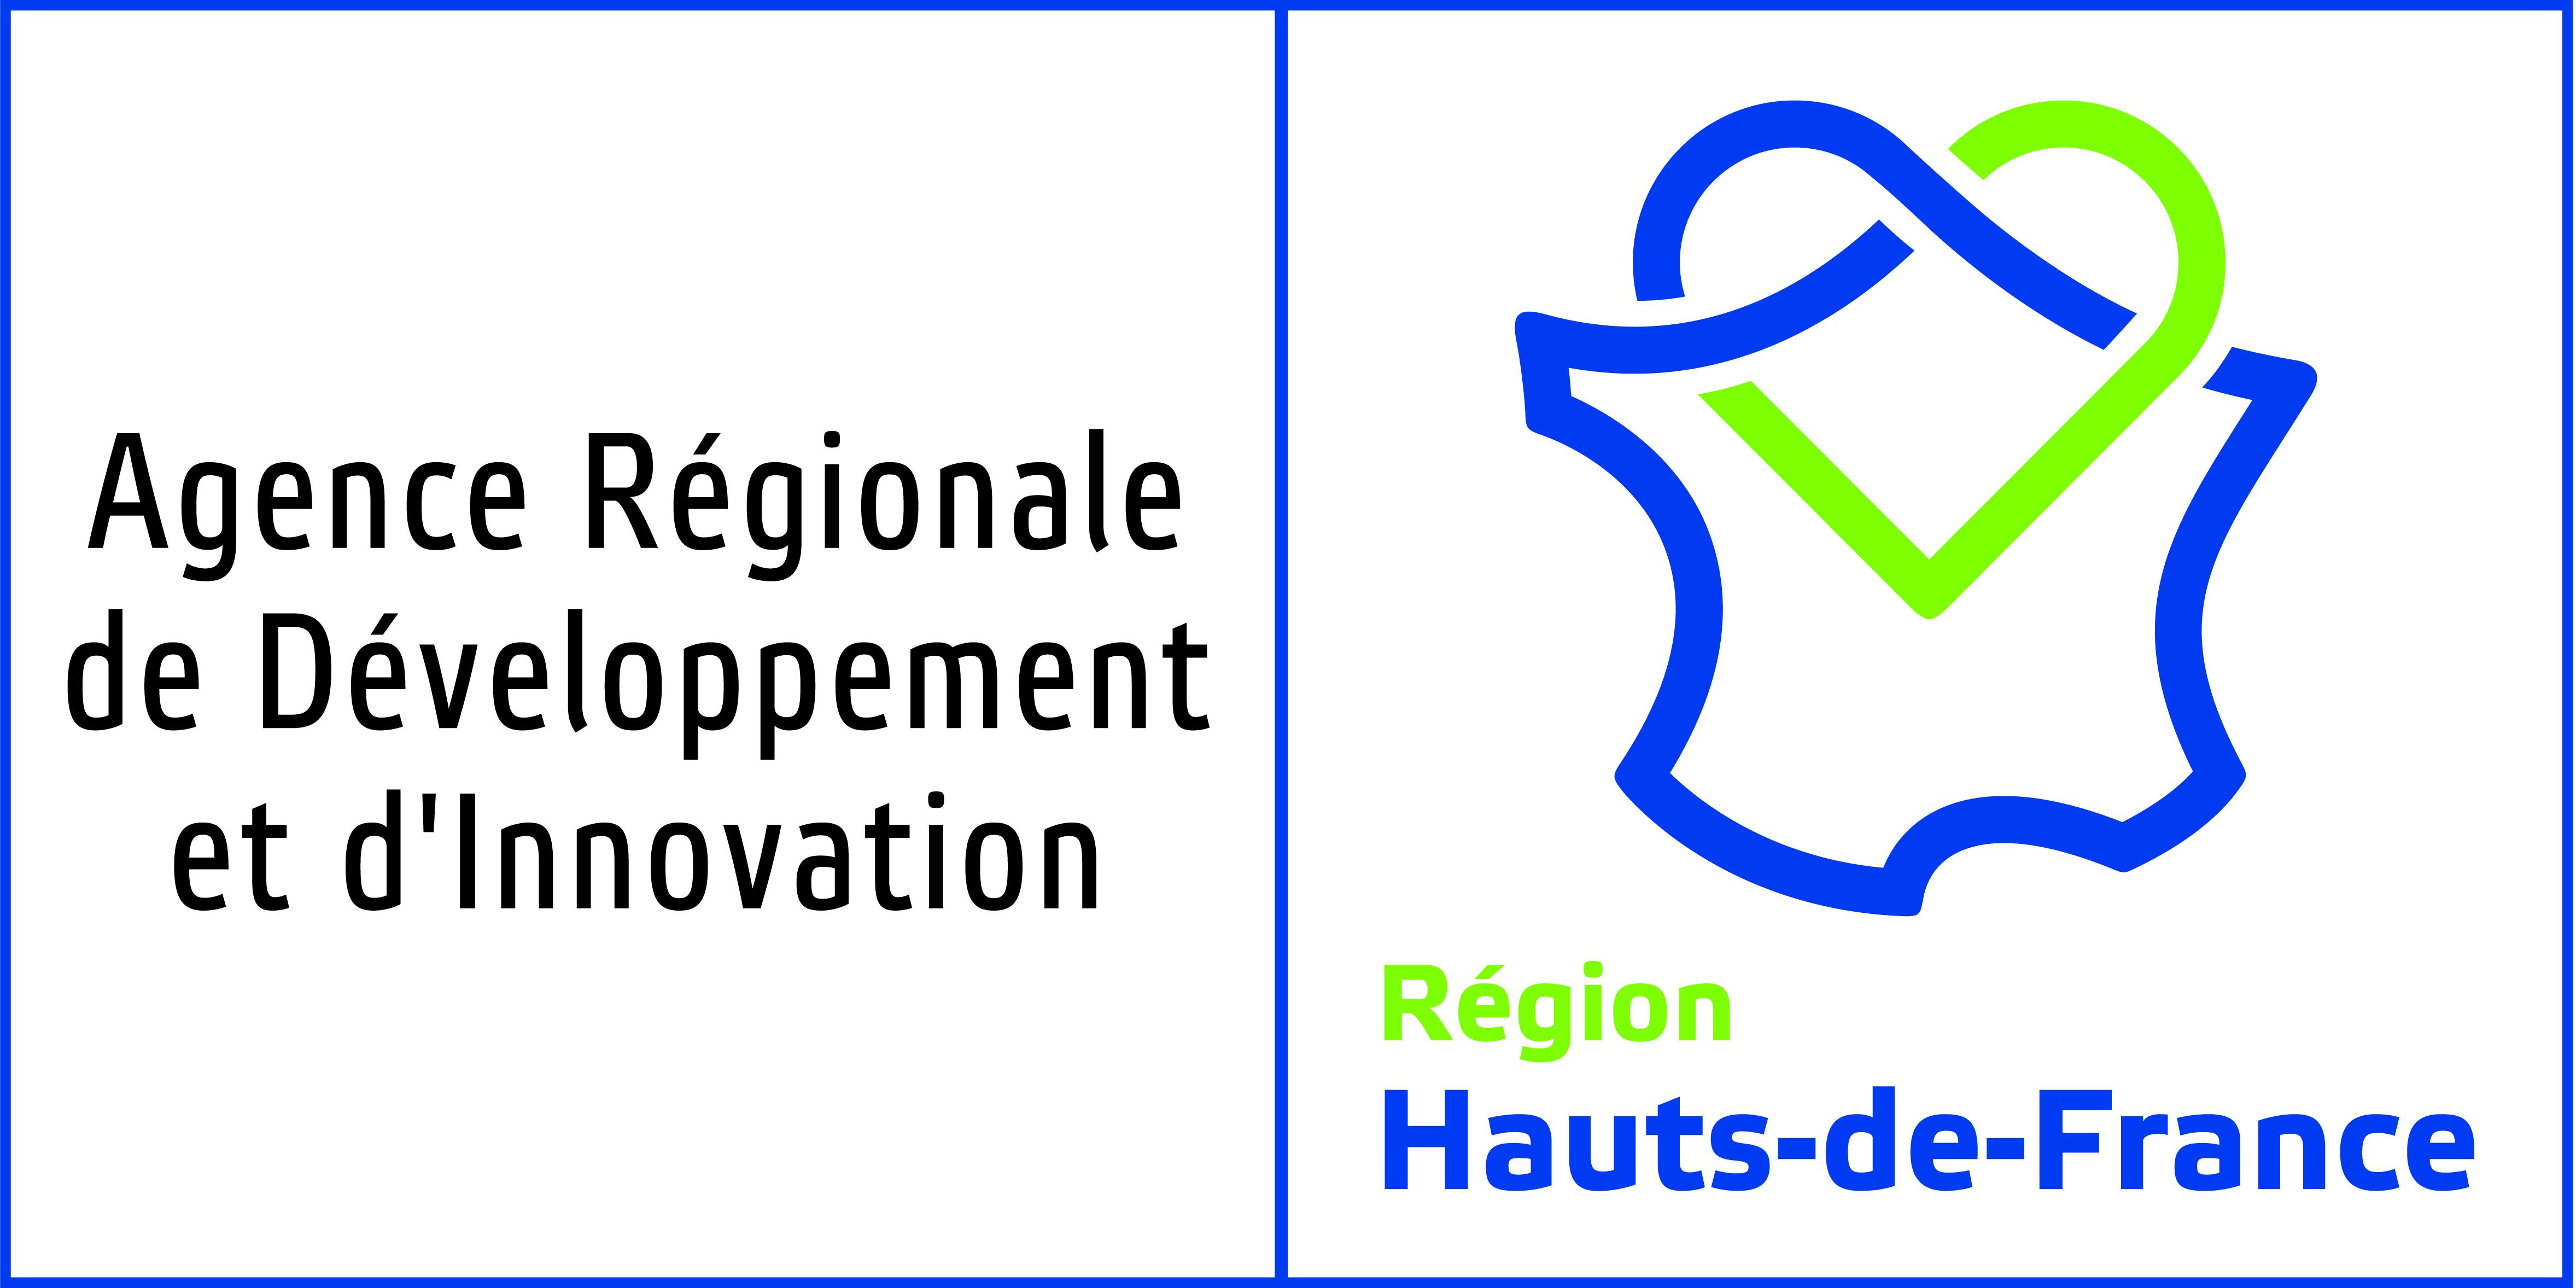 Logo_Agence_Regionale_Developpement_Innovation.jpg